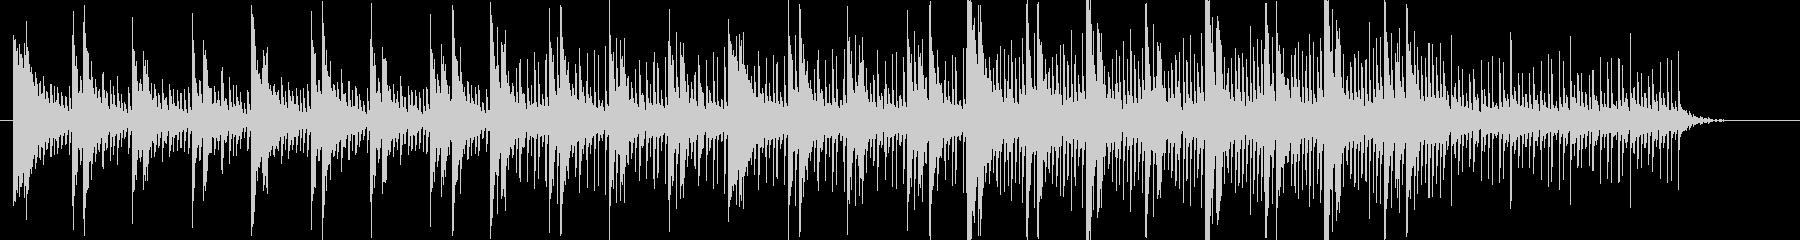 デジタル•アンビエント系の楽曲です。の未再生の波形